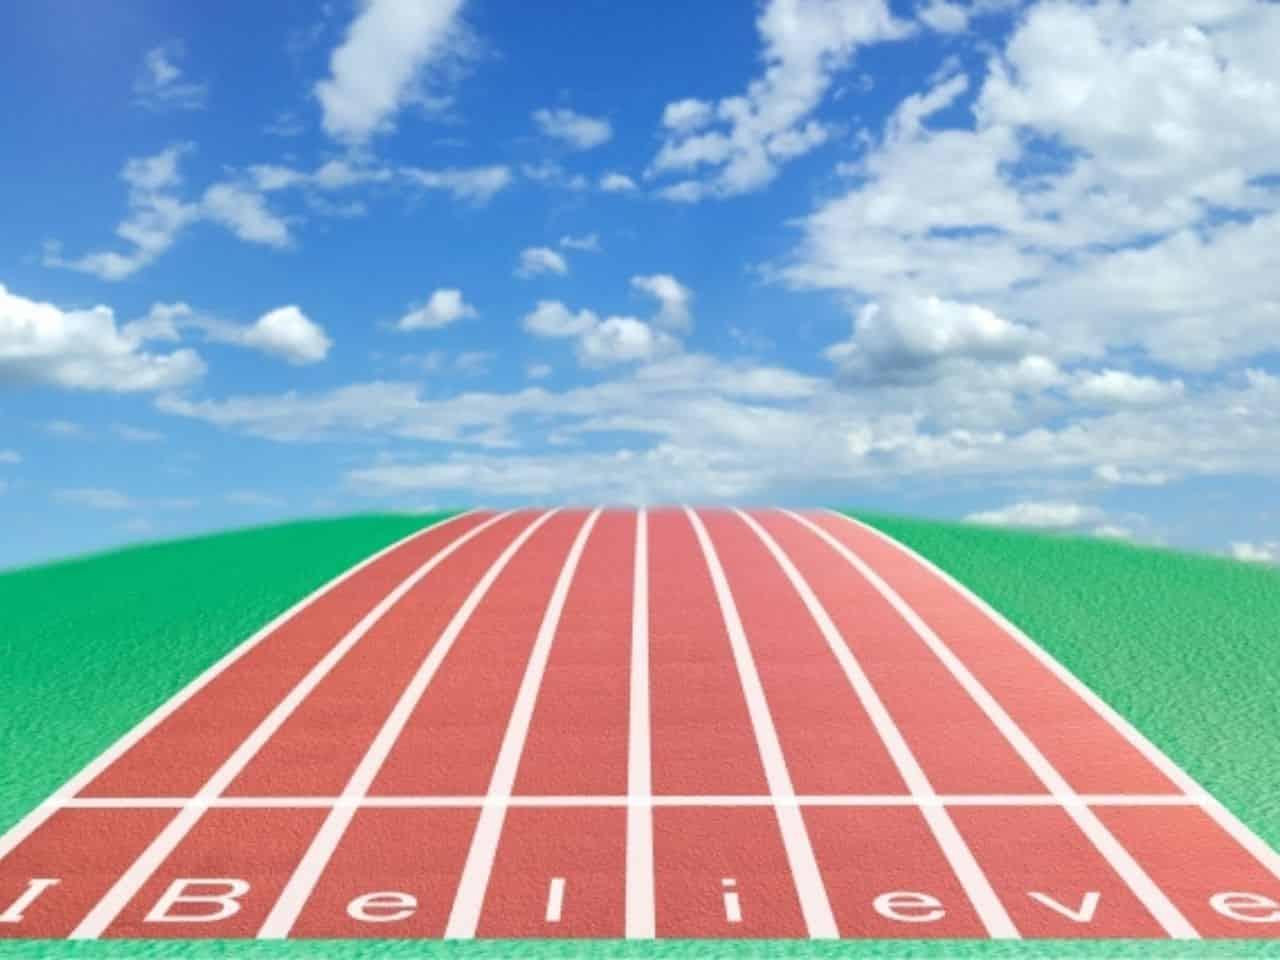 「I believe」と書かれた陸上競技レーン